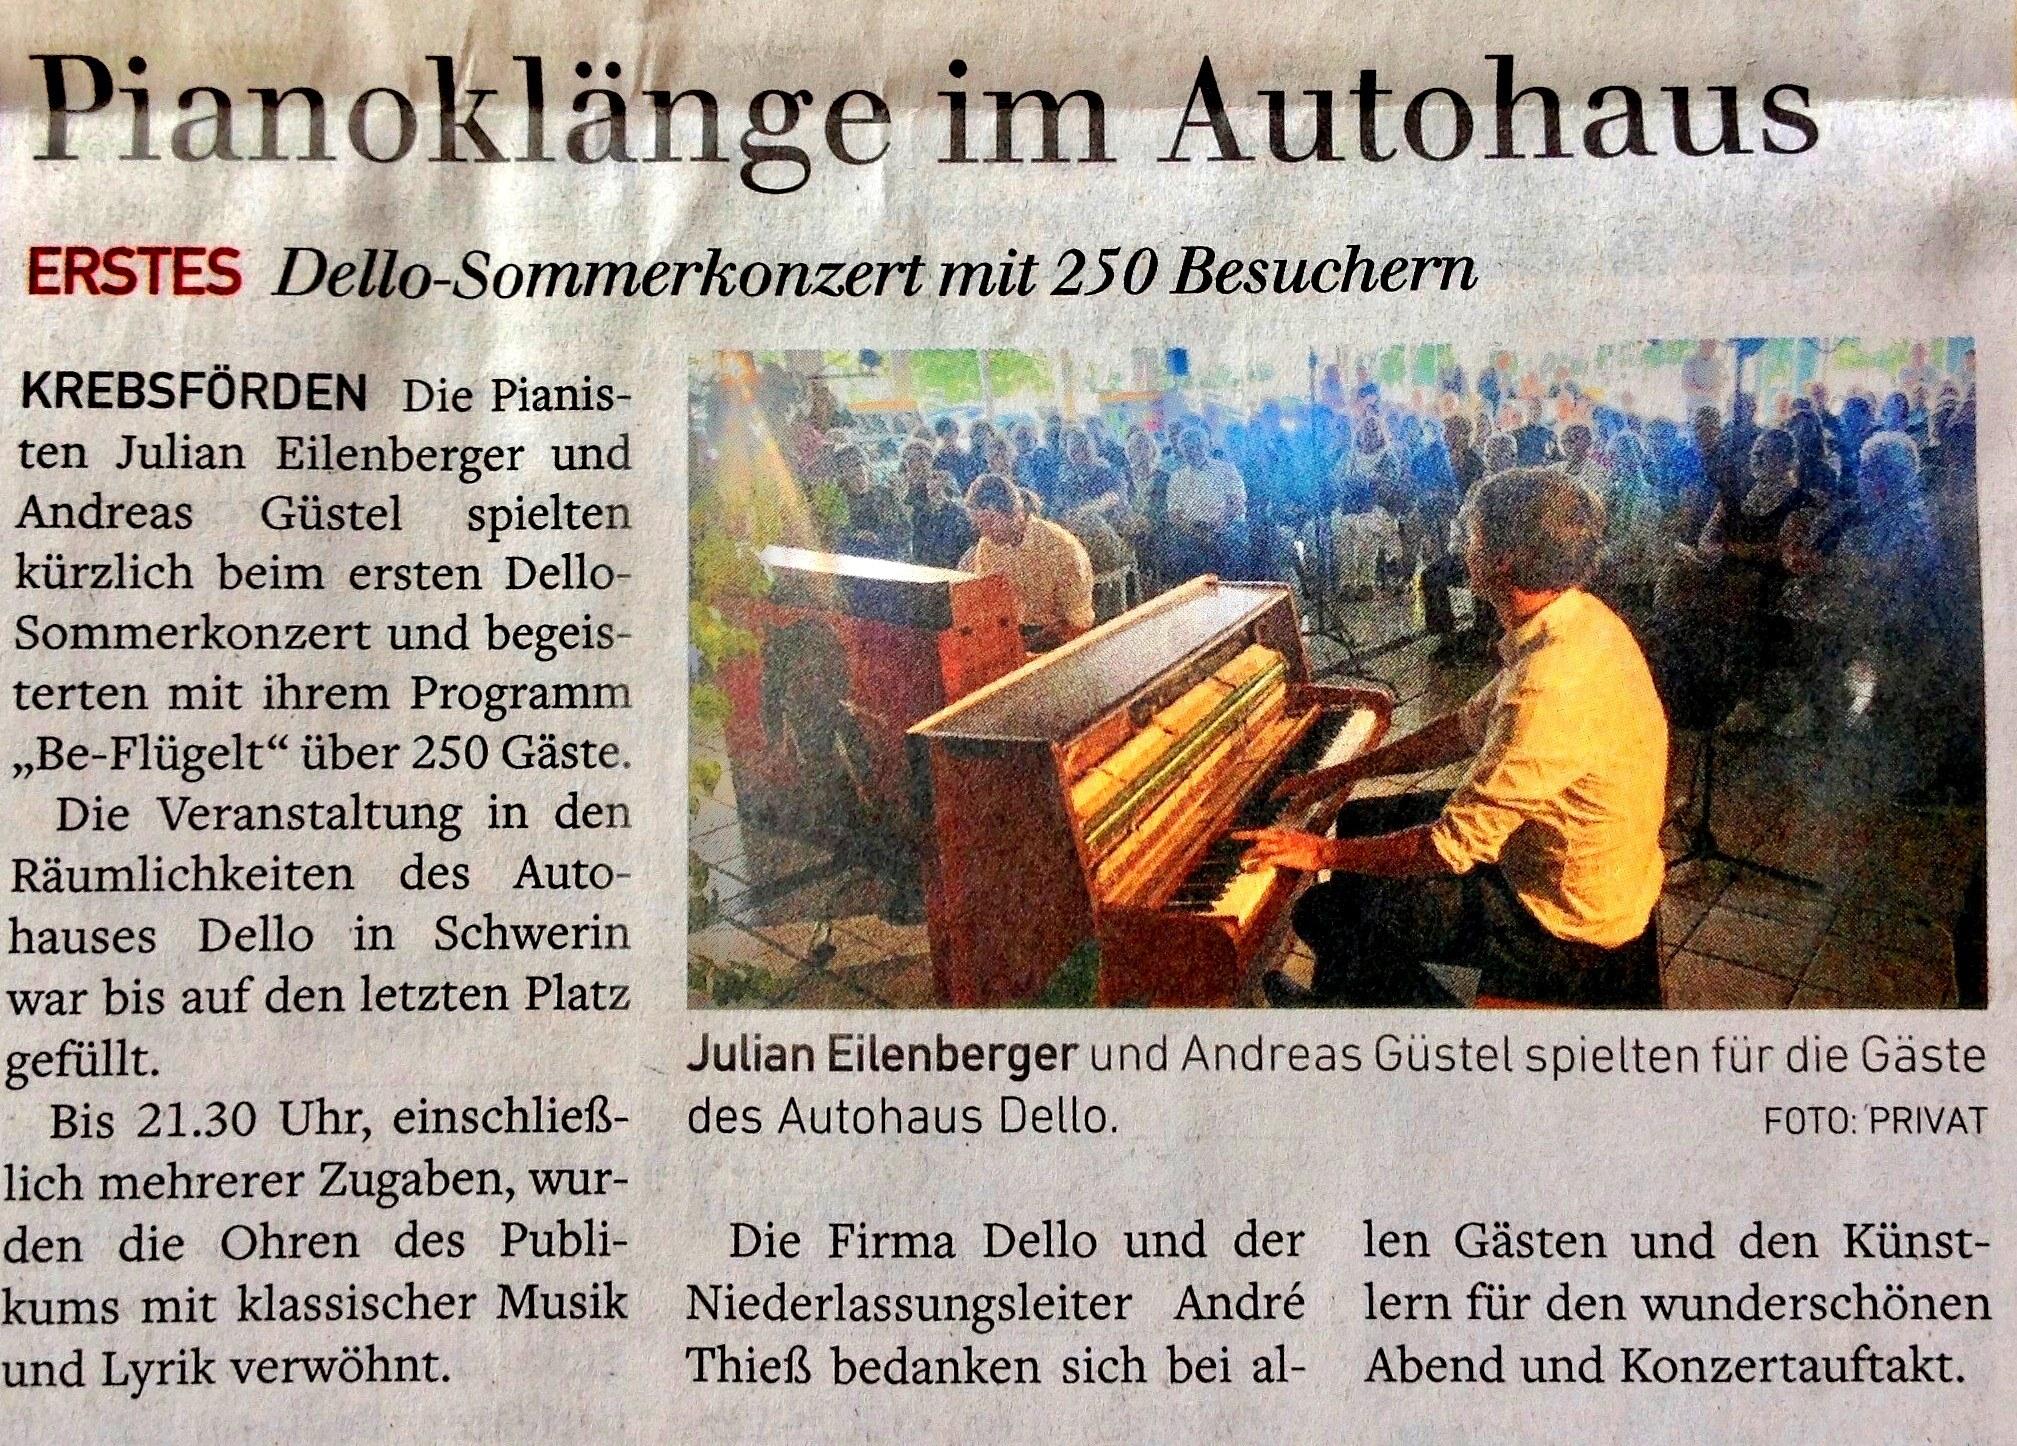 Be-Flügelt_Konzert_Autohaus